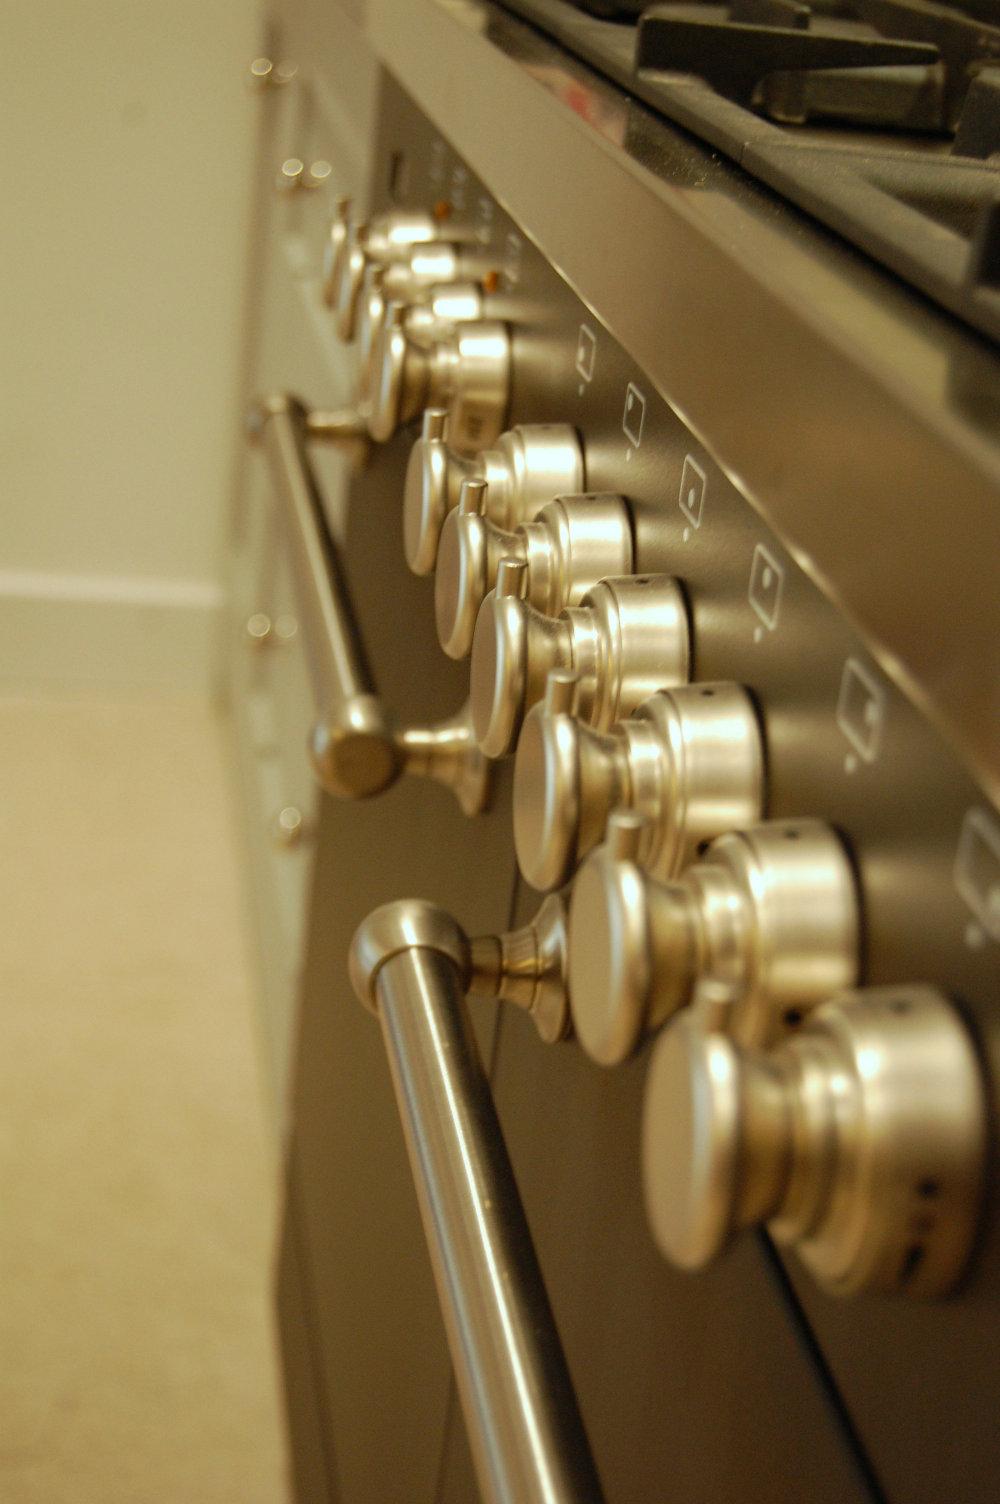 range-cooker-in-bespoke-kitchen.jpg